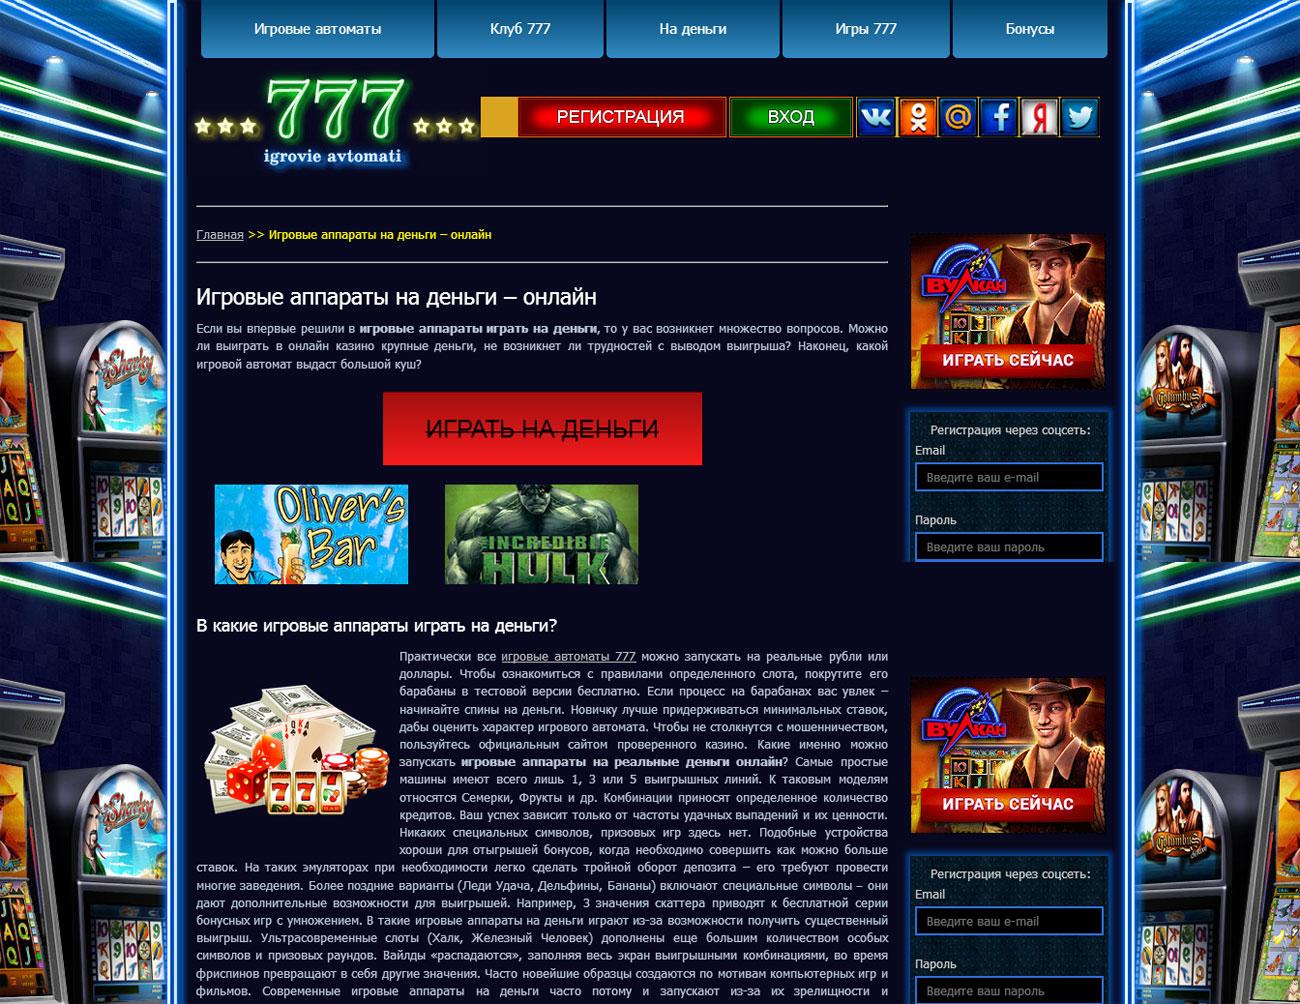 Игровые автоматы 777 – играть бесплатно онлайн